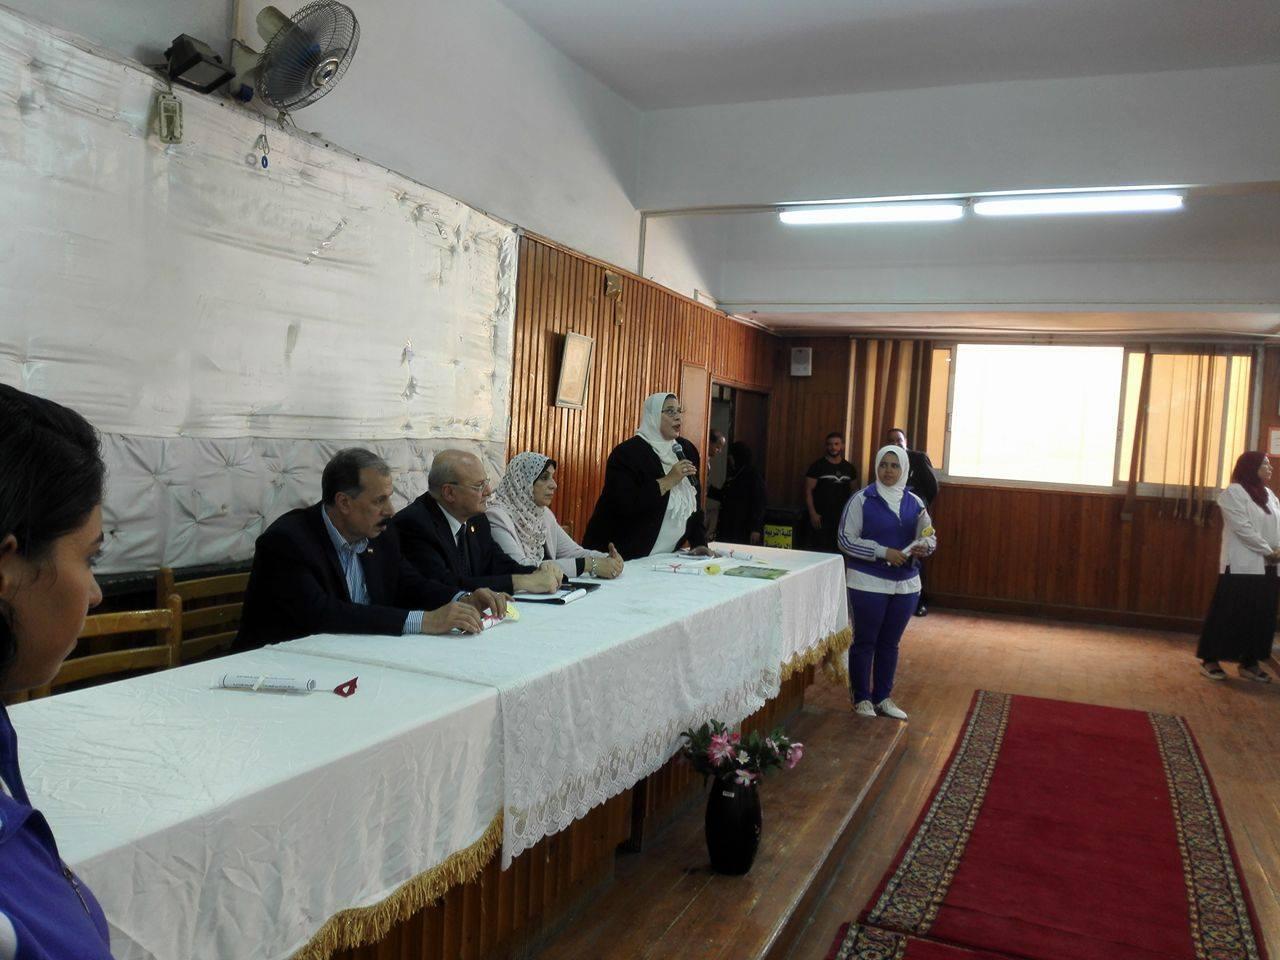 زيارة د. خالد عبد الباري رئيس جامعة الزقازيق بطالبات كلية التربيةالرياضية بنات